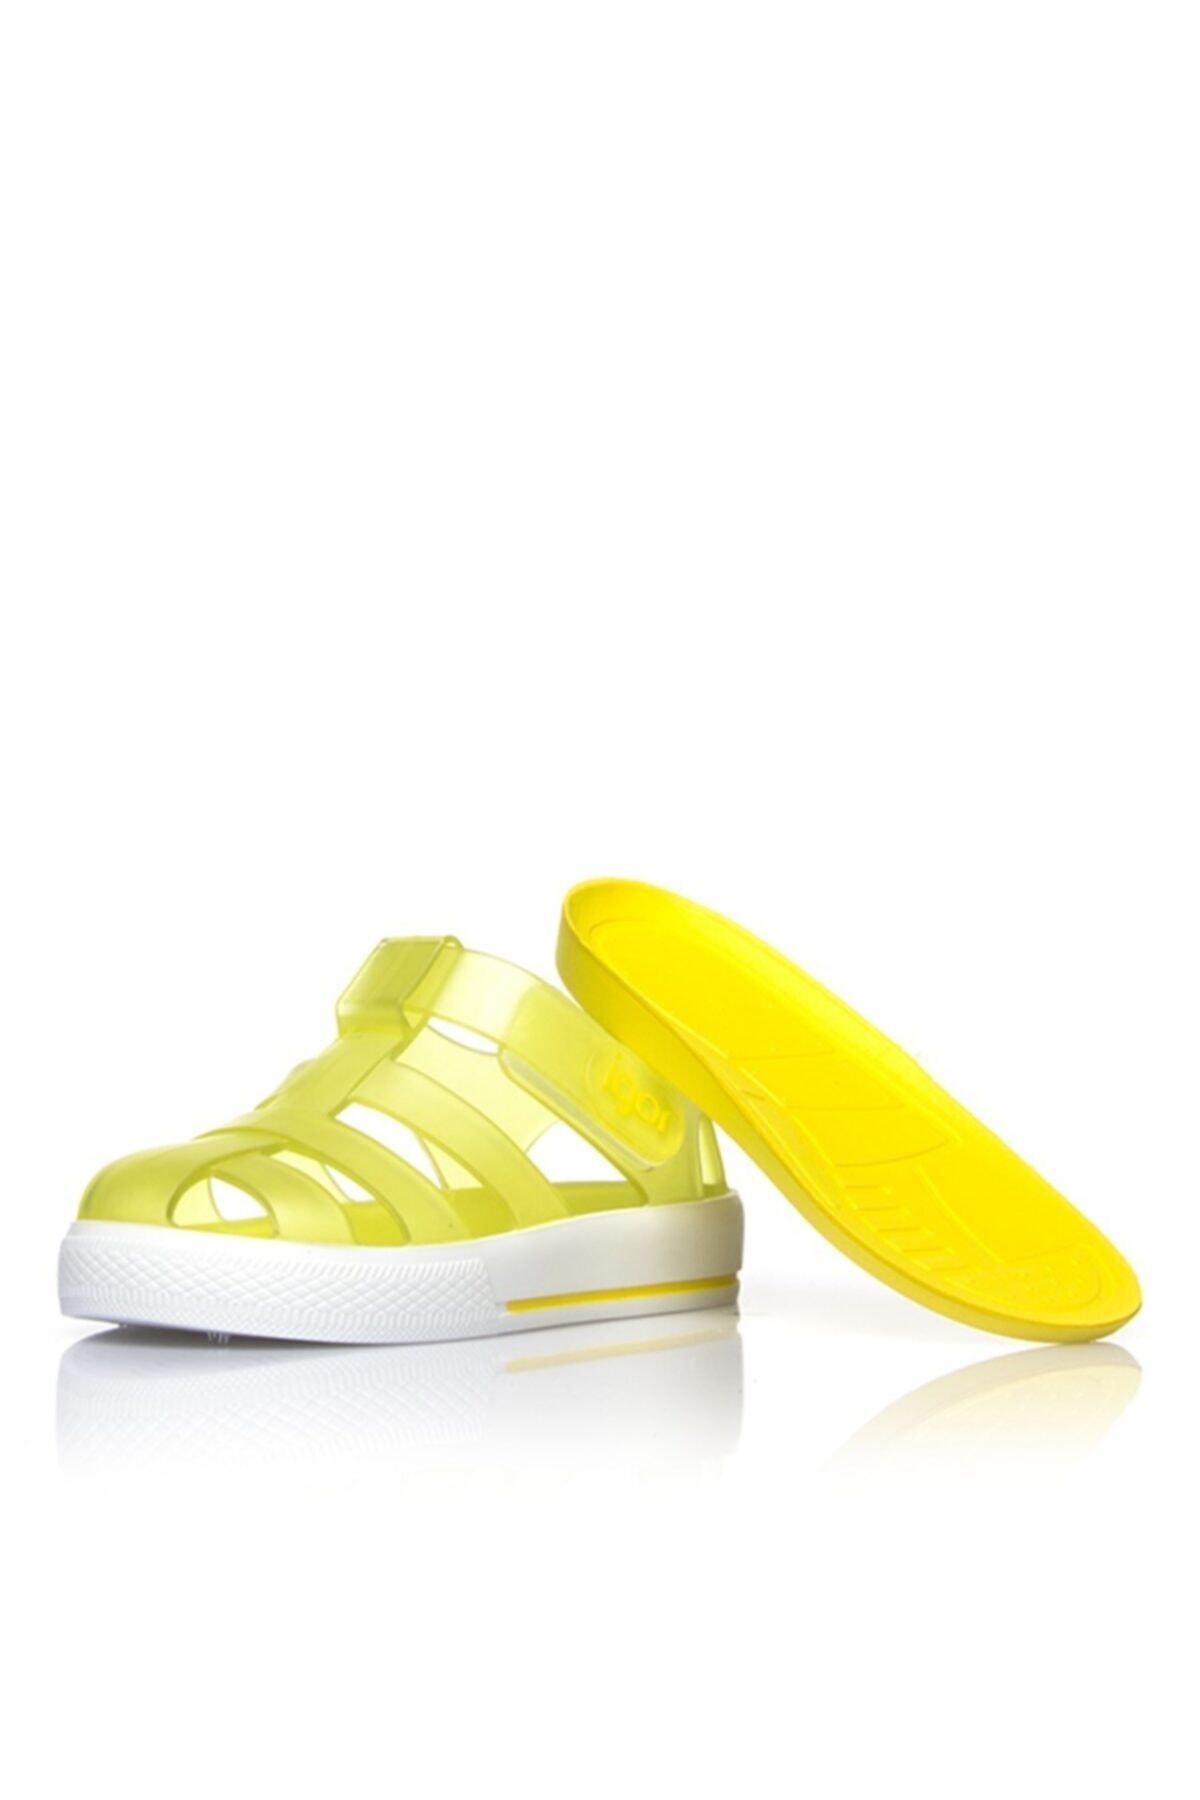 IGOR Yazlık Çocuk Star Sandalet 1